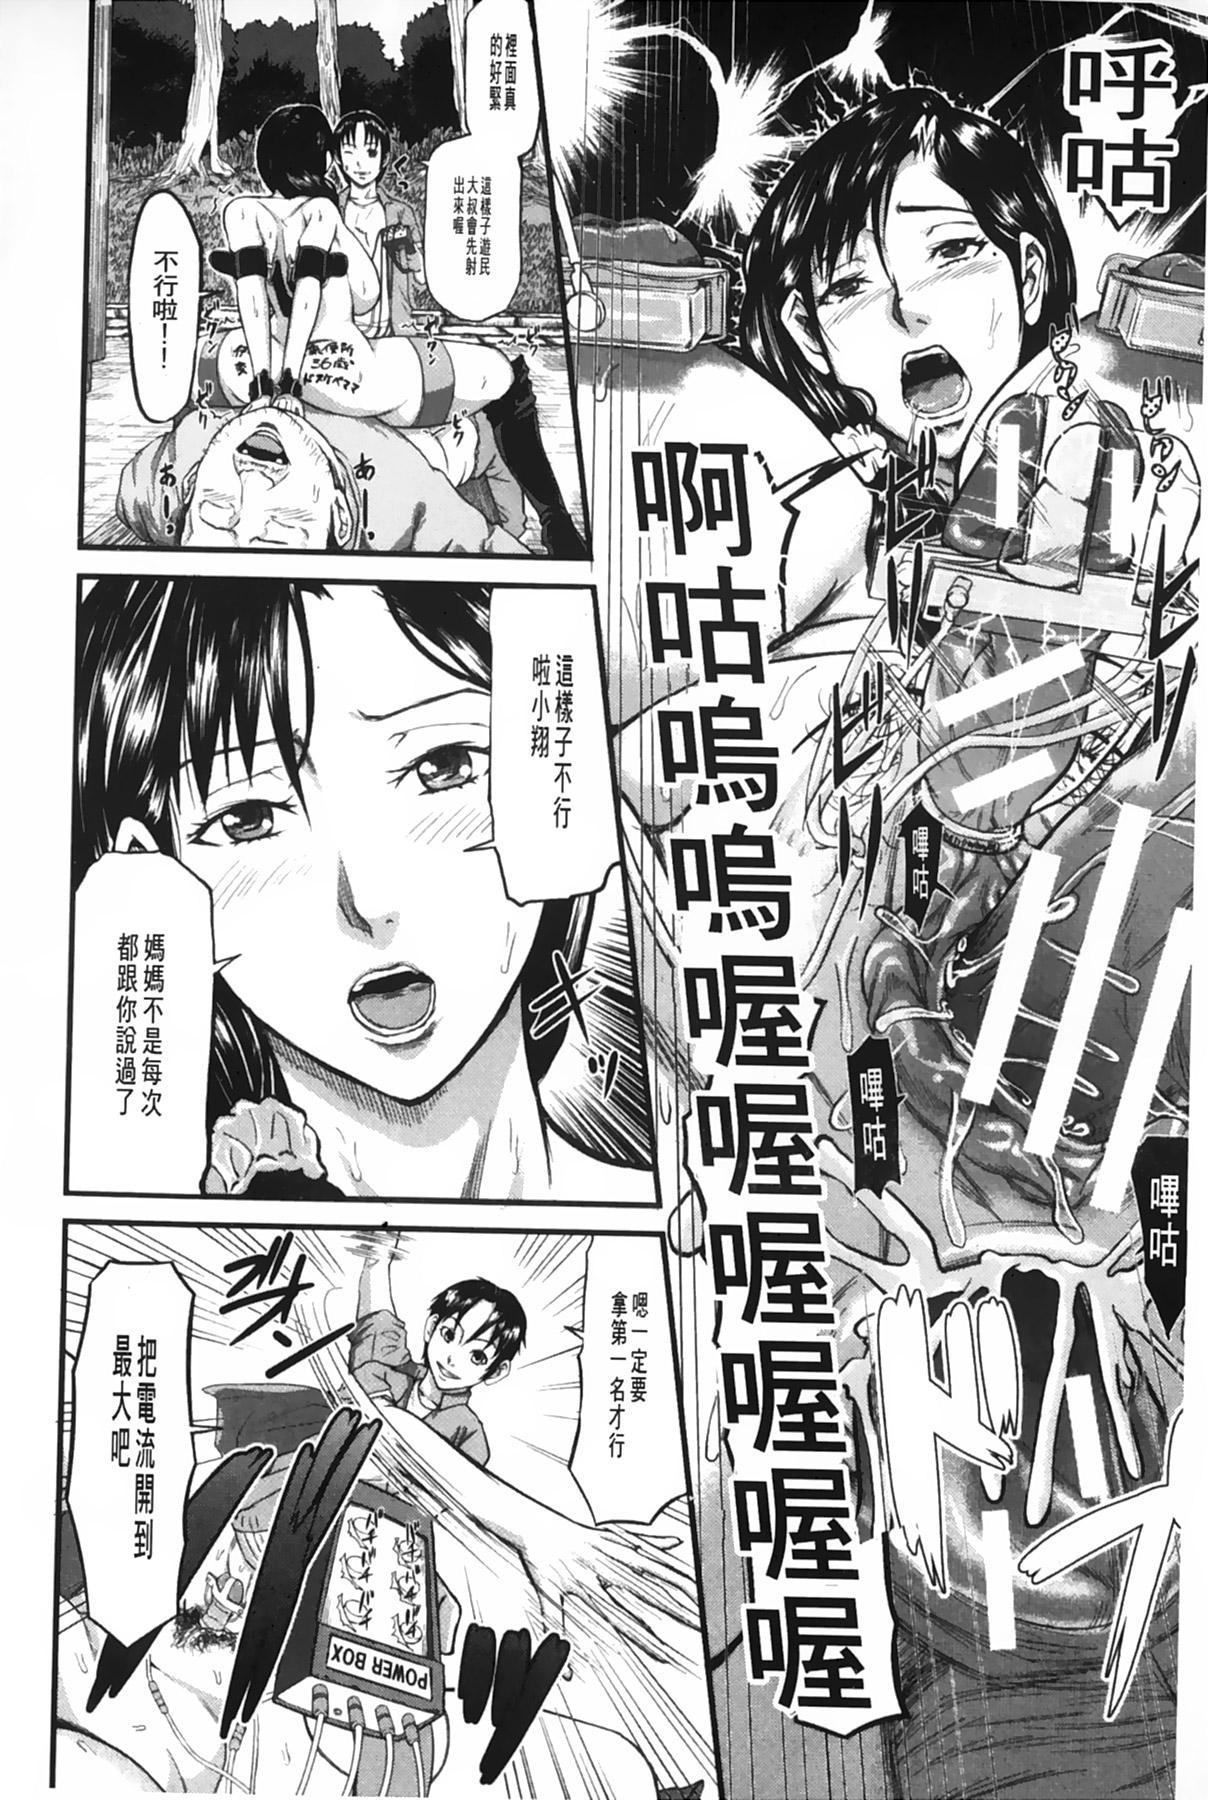 [Honebuto Danshaku] Onna Jigoku Niku no Tsubo~Hentai Rui Inran Ka Mesu Buta Ichidaiki~ | 女地獄、肉之壺 ~変態類淫乱科淫母豬一代記~ [Chinese] 24